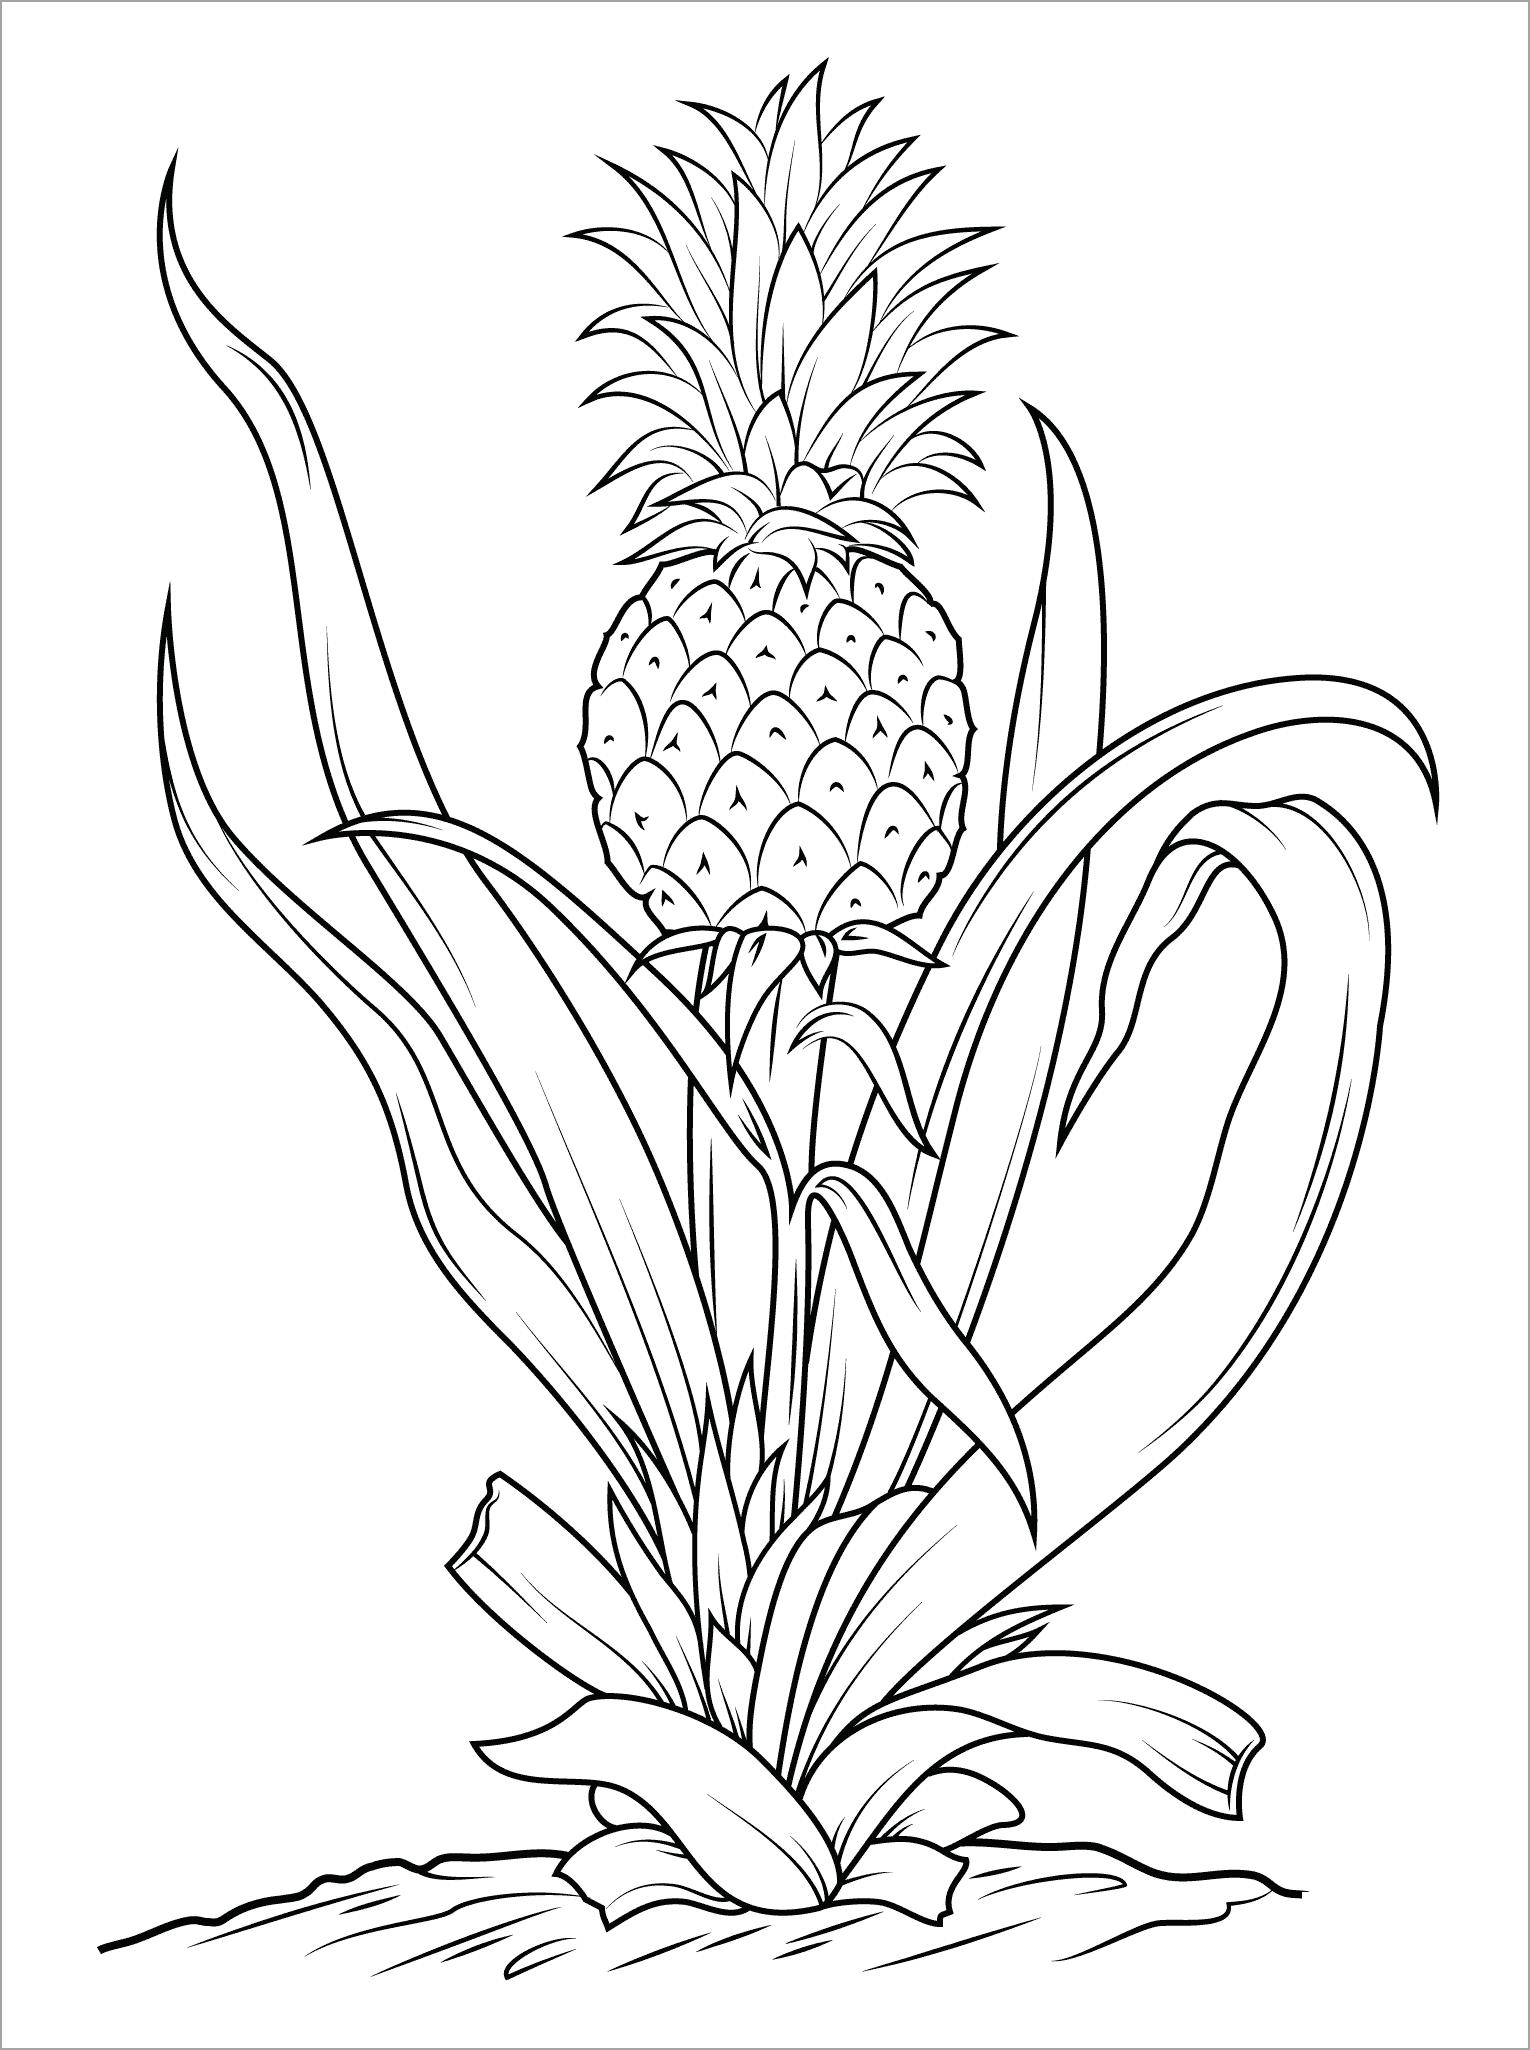 Tranh tô màu cây dứa